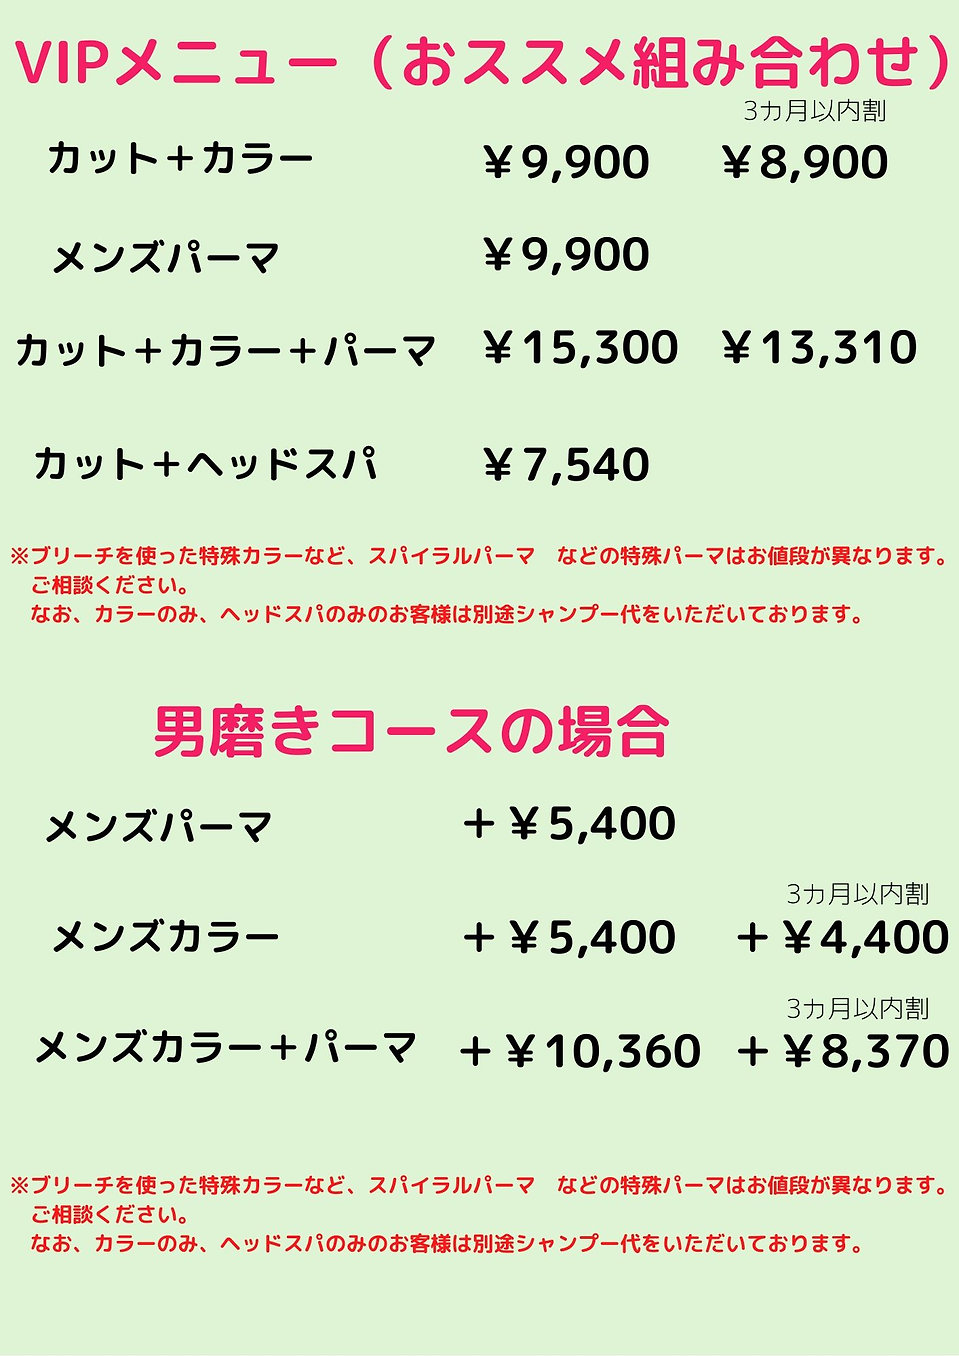 VIPメニュー(おススメ組み合わせ).jpg